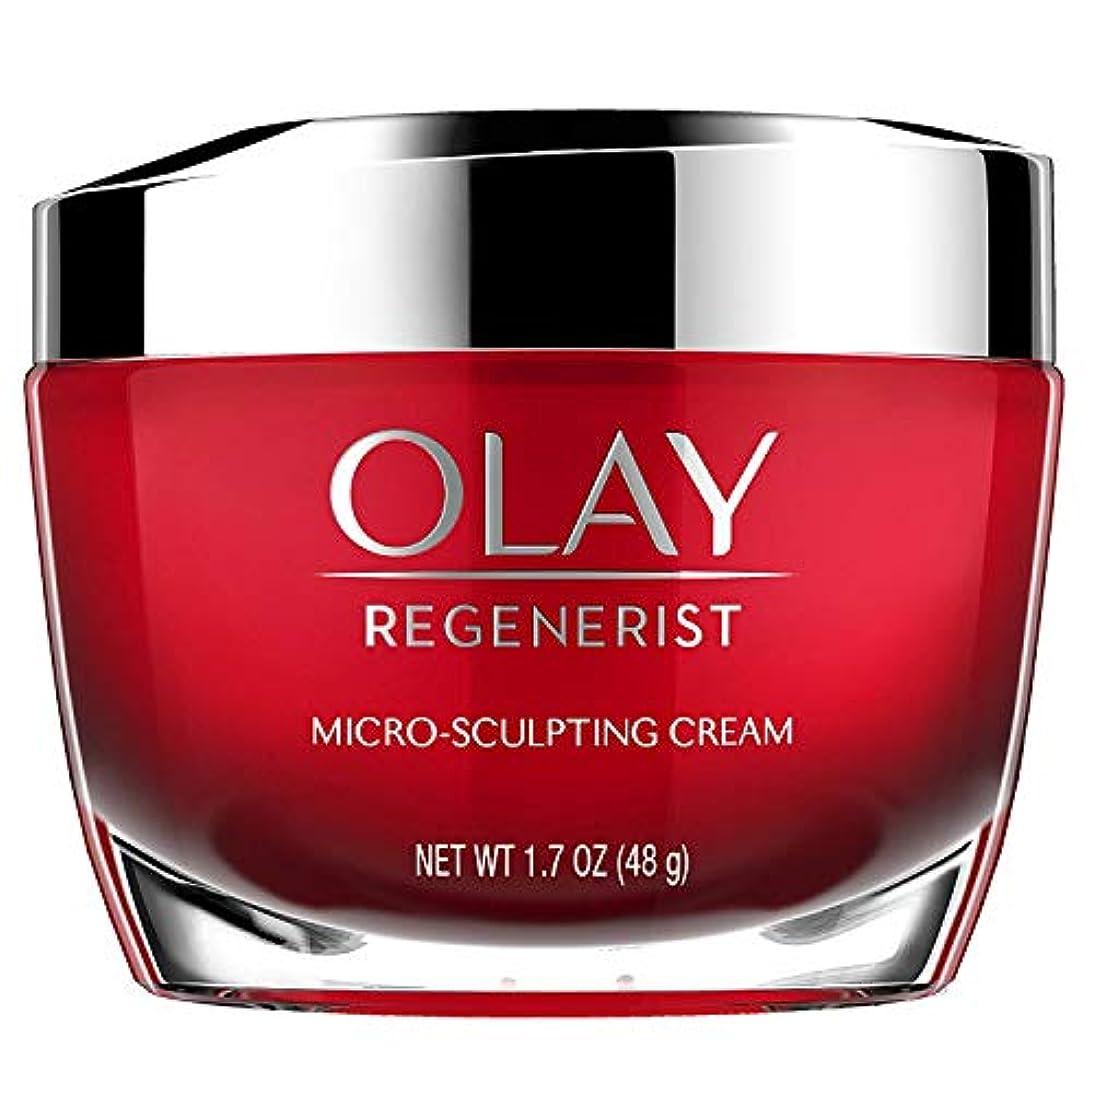 甲虫マネージャー武器[(オレイ) Olay] [Face Moisturizer with Collagen Peptides by Olay Regenerist, Micro-Sculpting Cream, 1.7 oz] (並行輸入品)